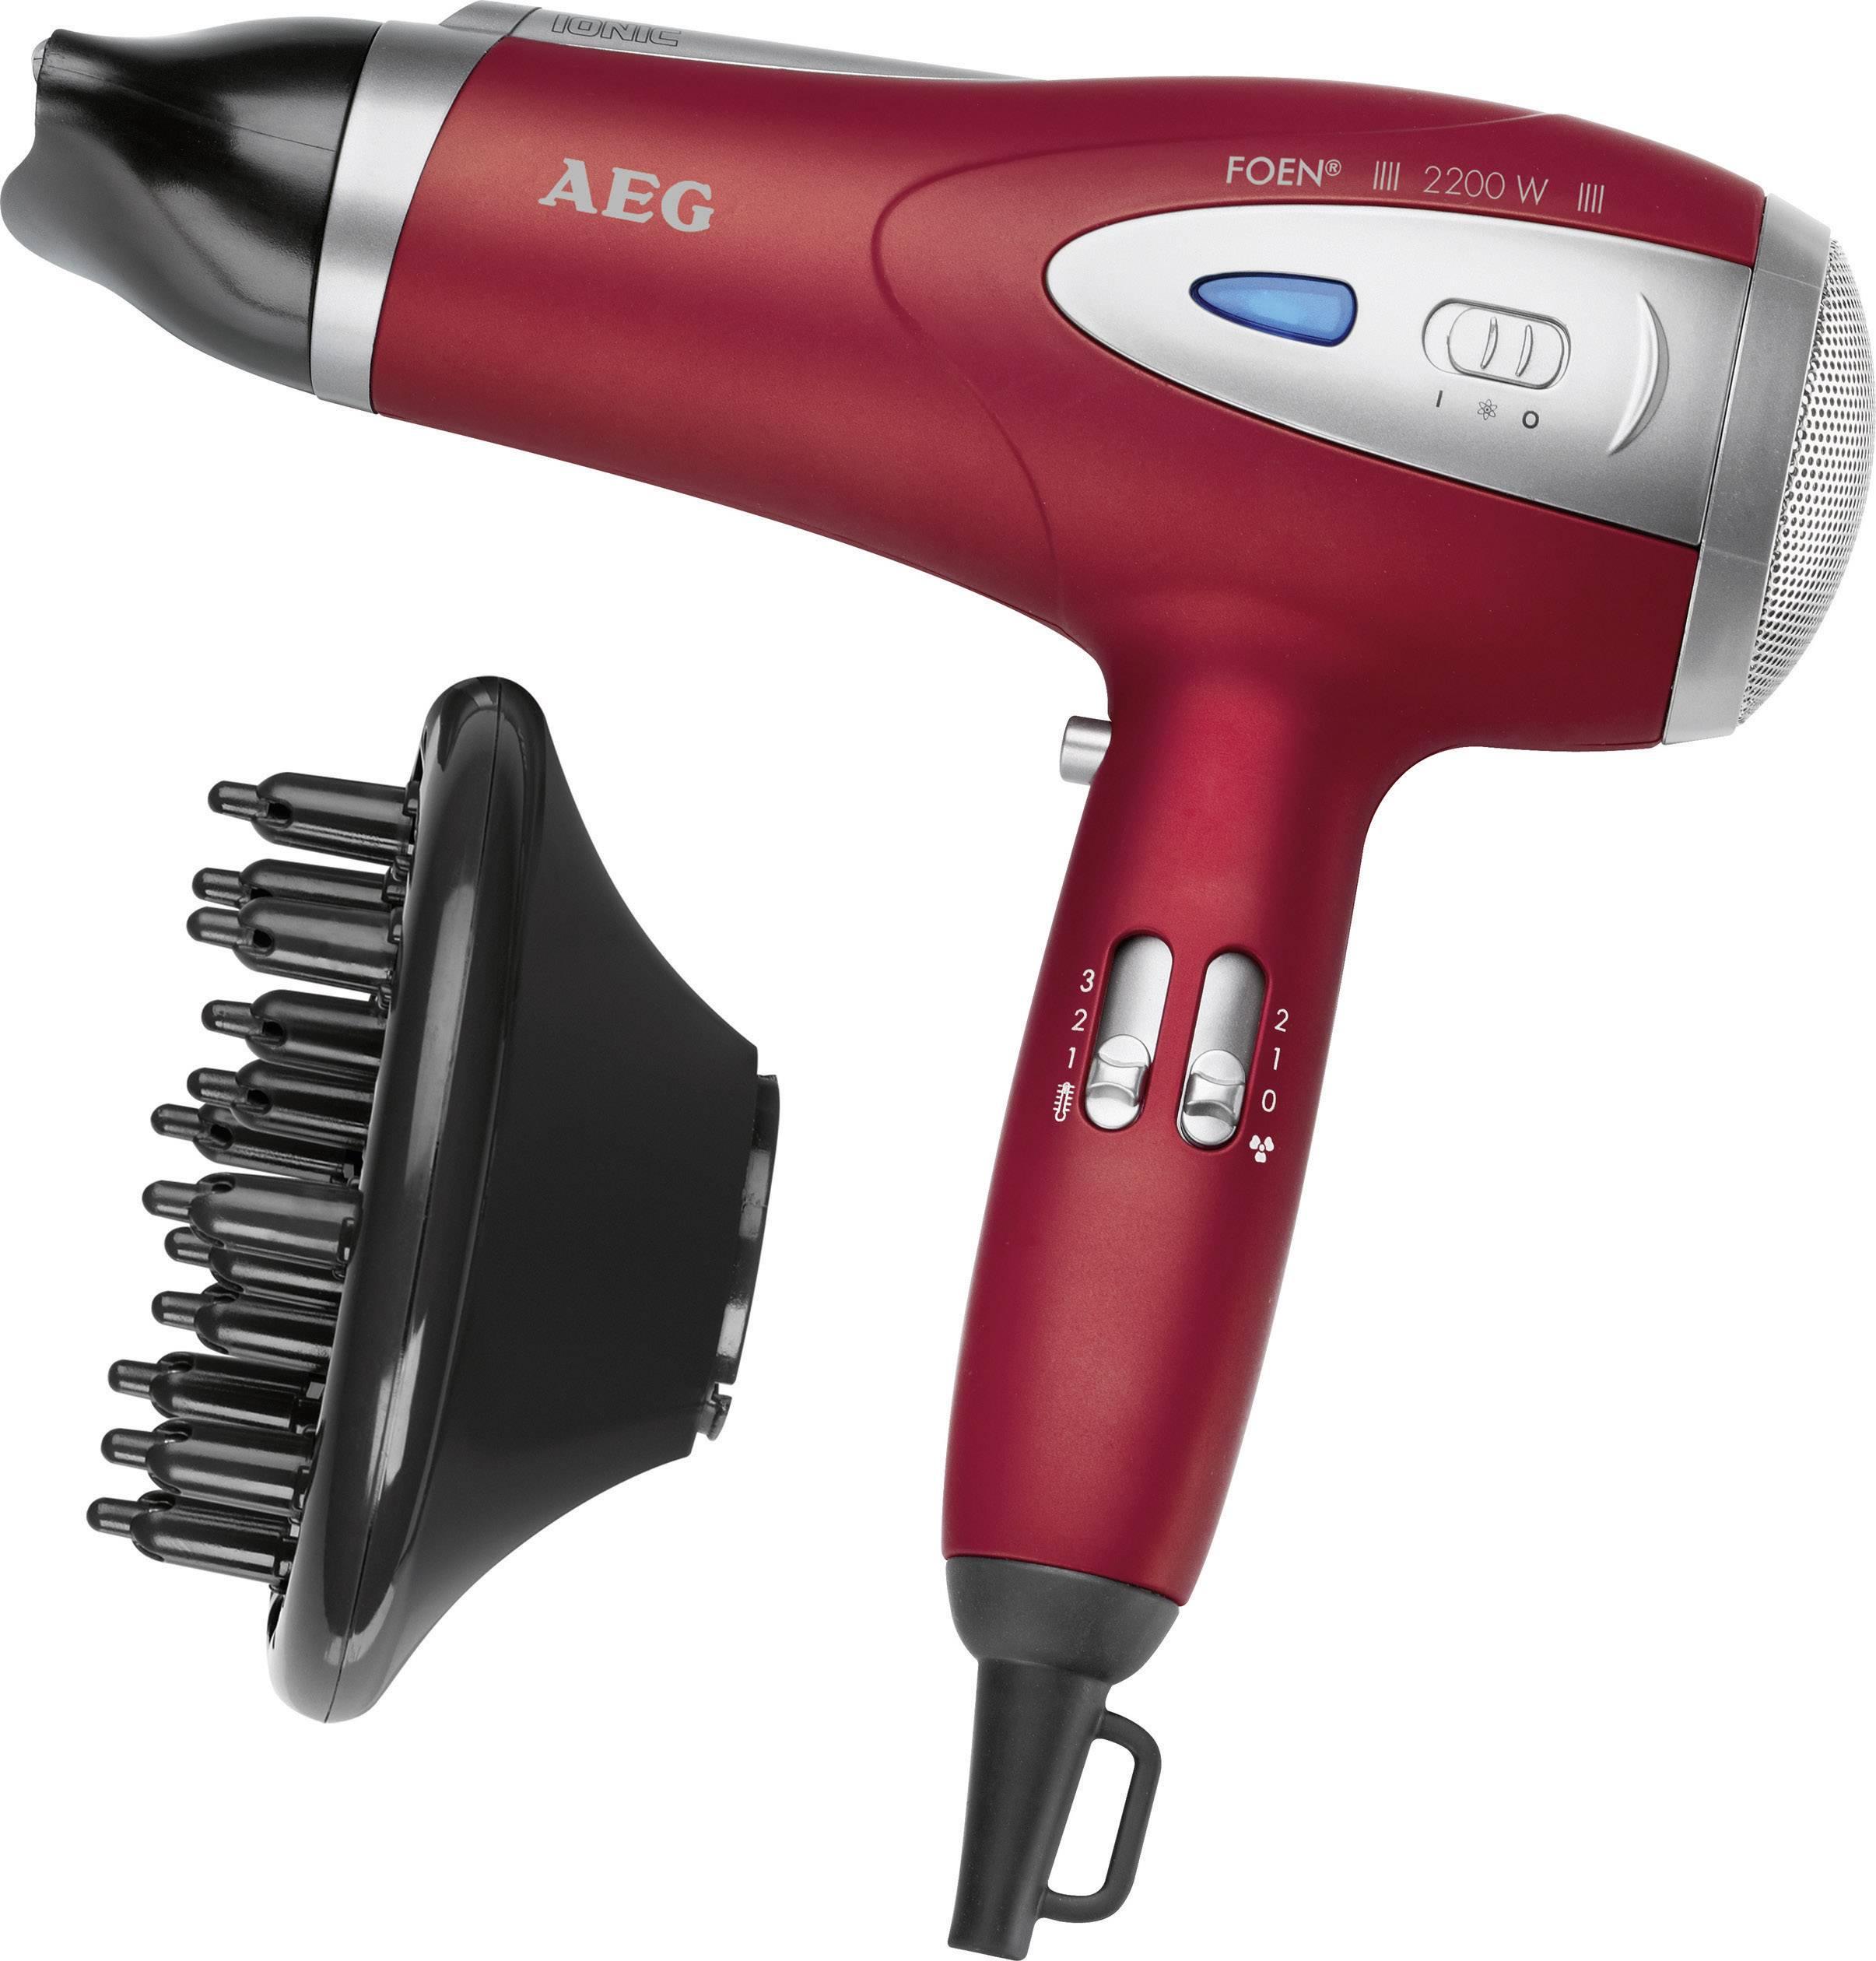 Fén AEG HTD 5584 červená (metalíza), strieborná